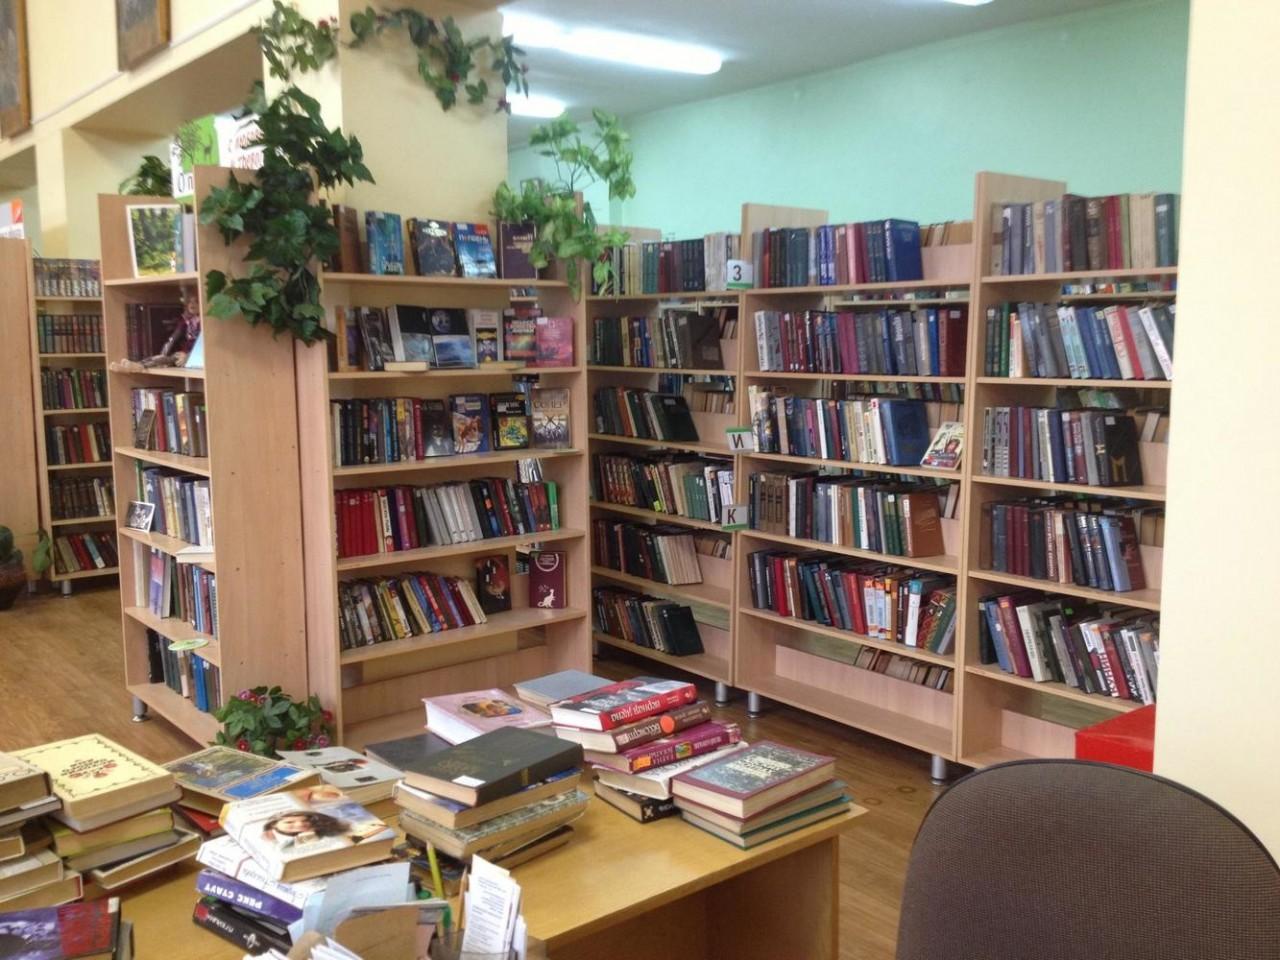 Библиотечная неделя, мероприятия Урала, Челябинск, Челябинская область, мероприятия в Челябинске